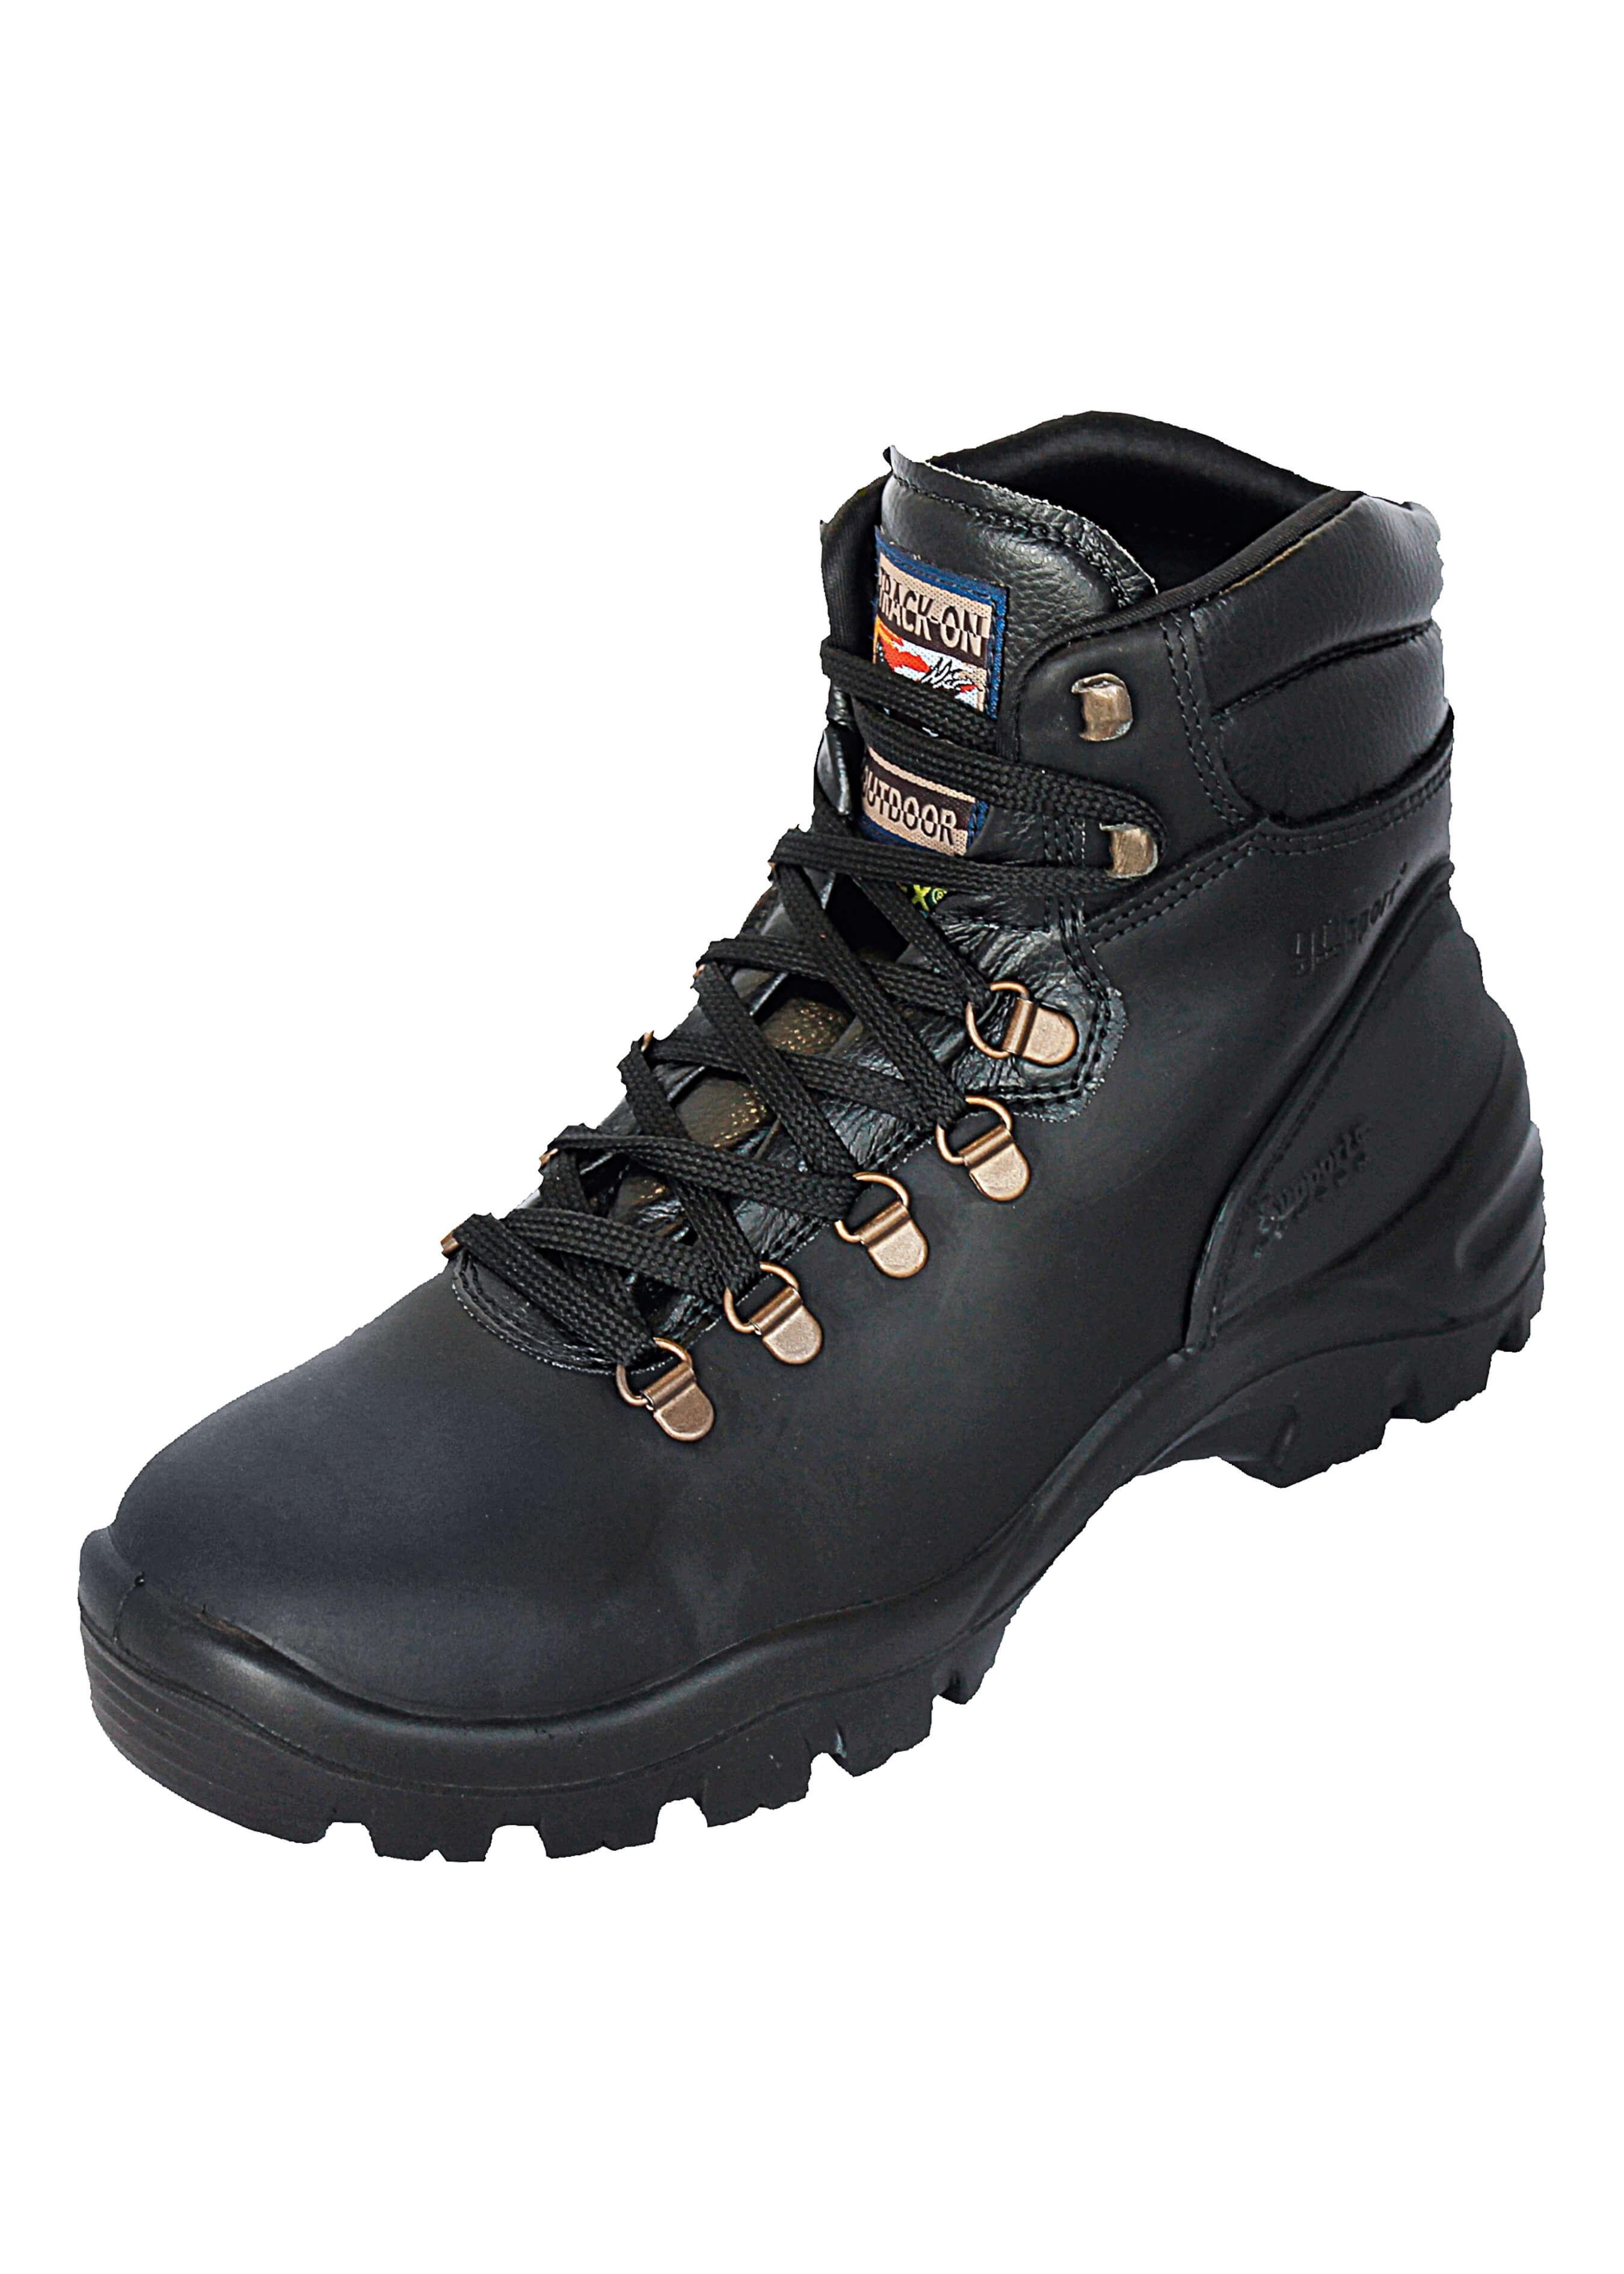 Chaussure de trekking légère L464836 1